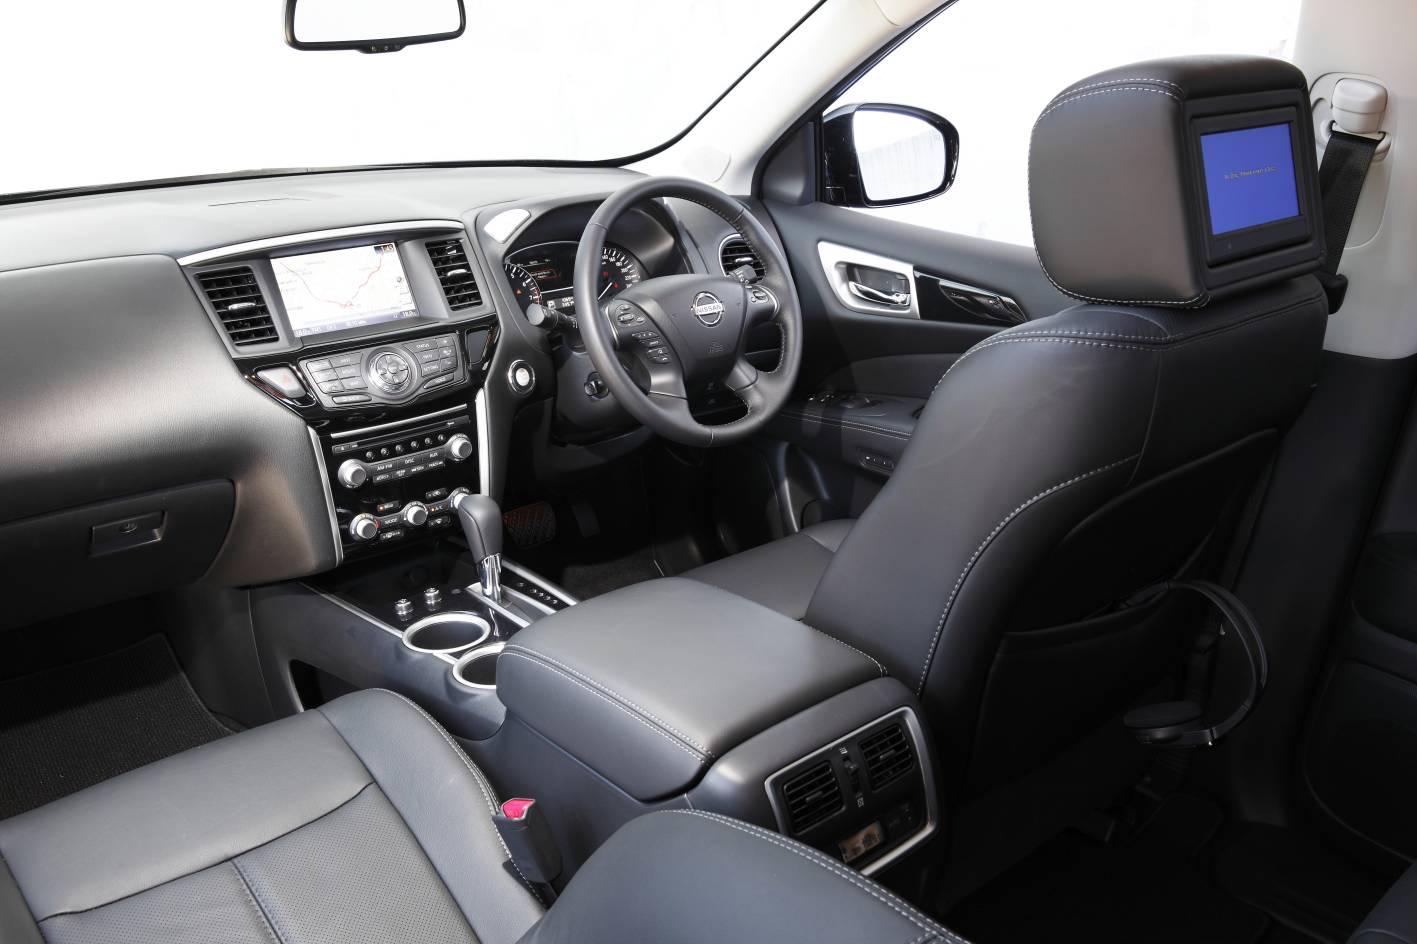 2014 Nissan Pathfinder 13.jpg